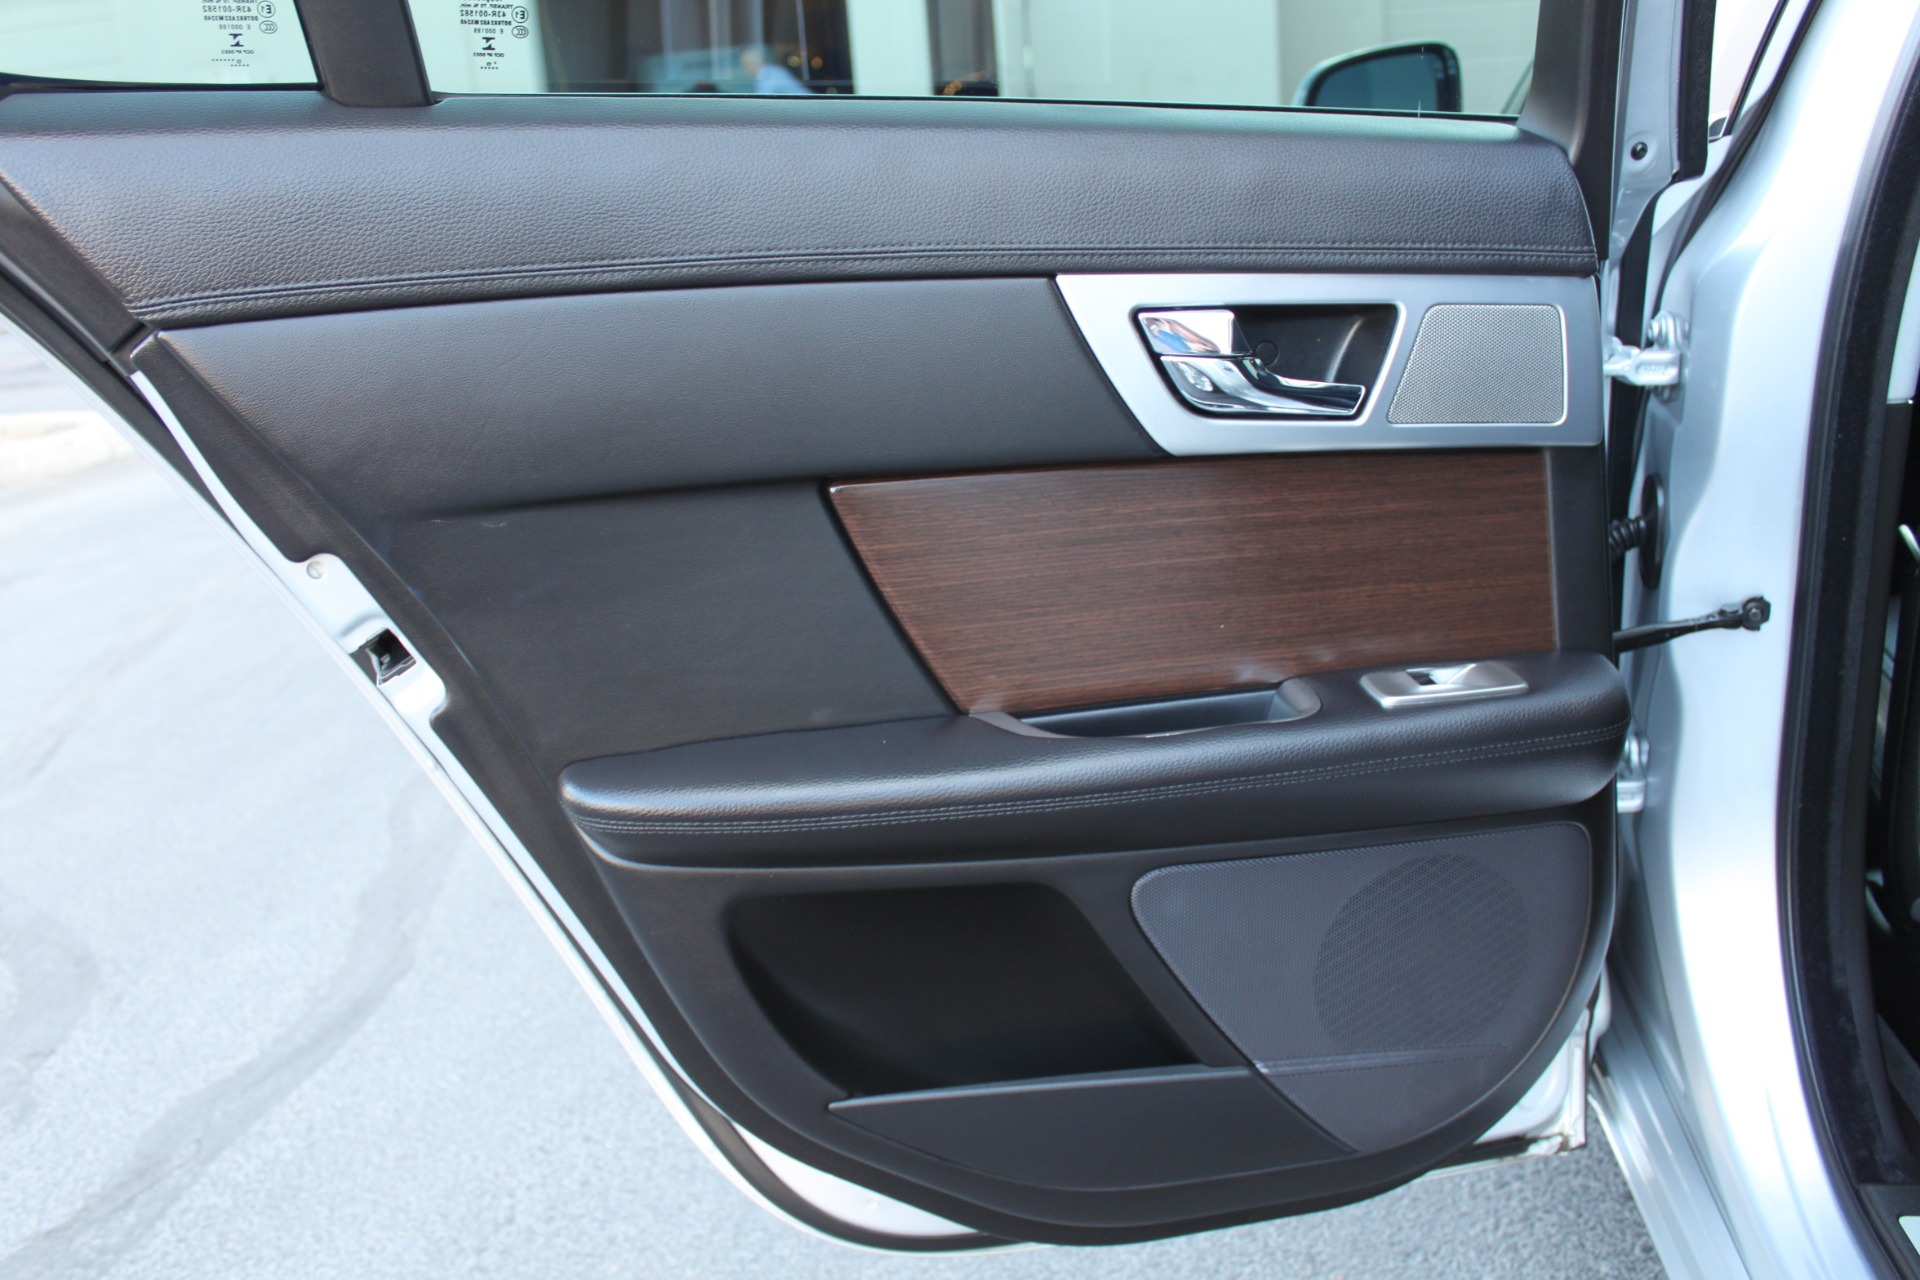 Used-2013-Jaguar-XF-I4-RWD-vintage